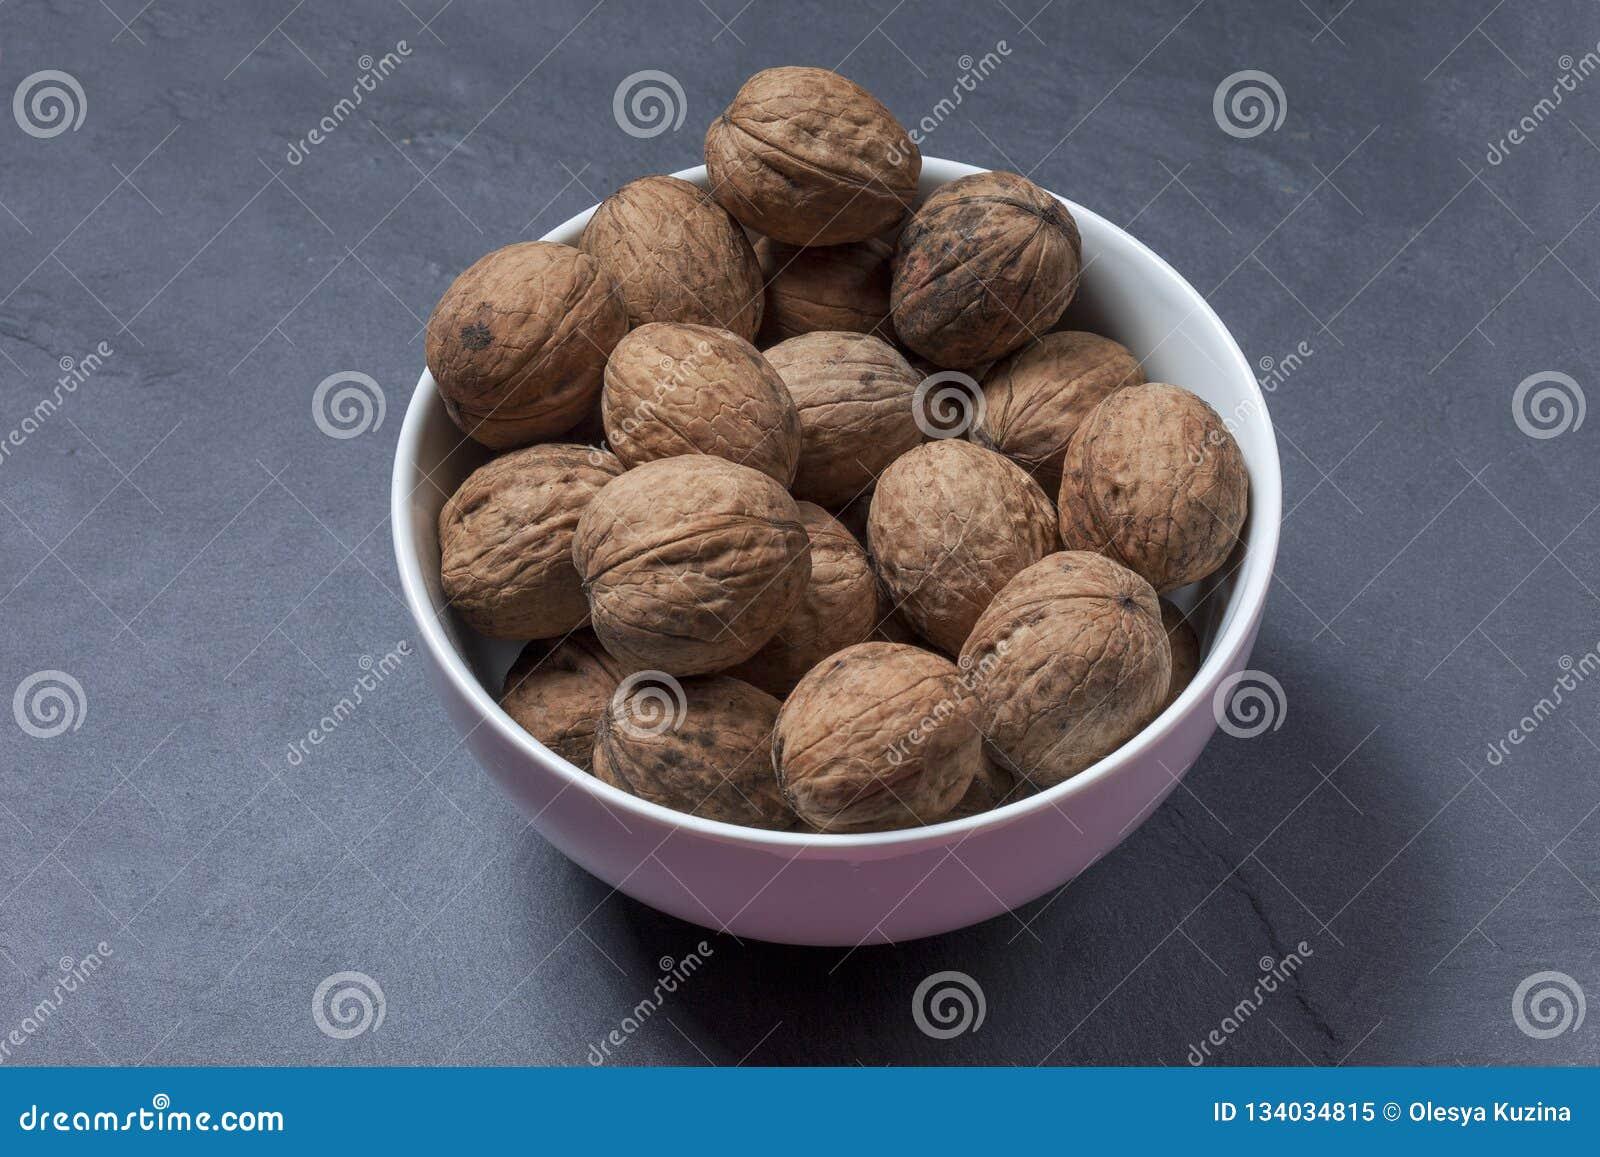 Inshell walnuts.